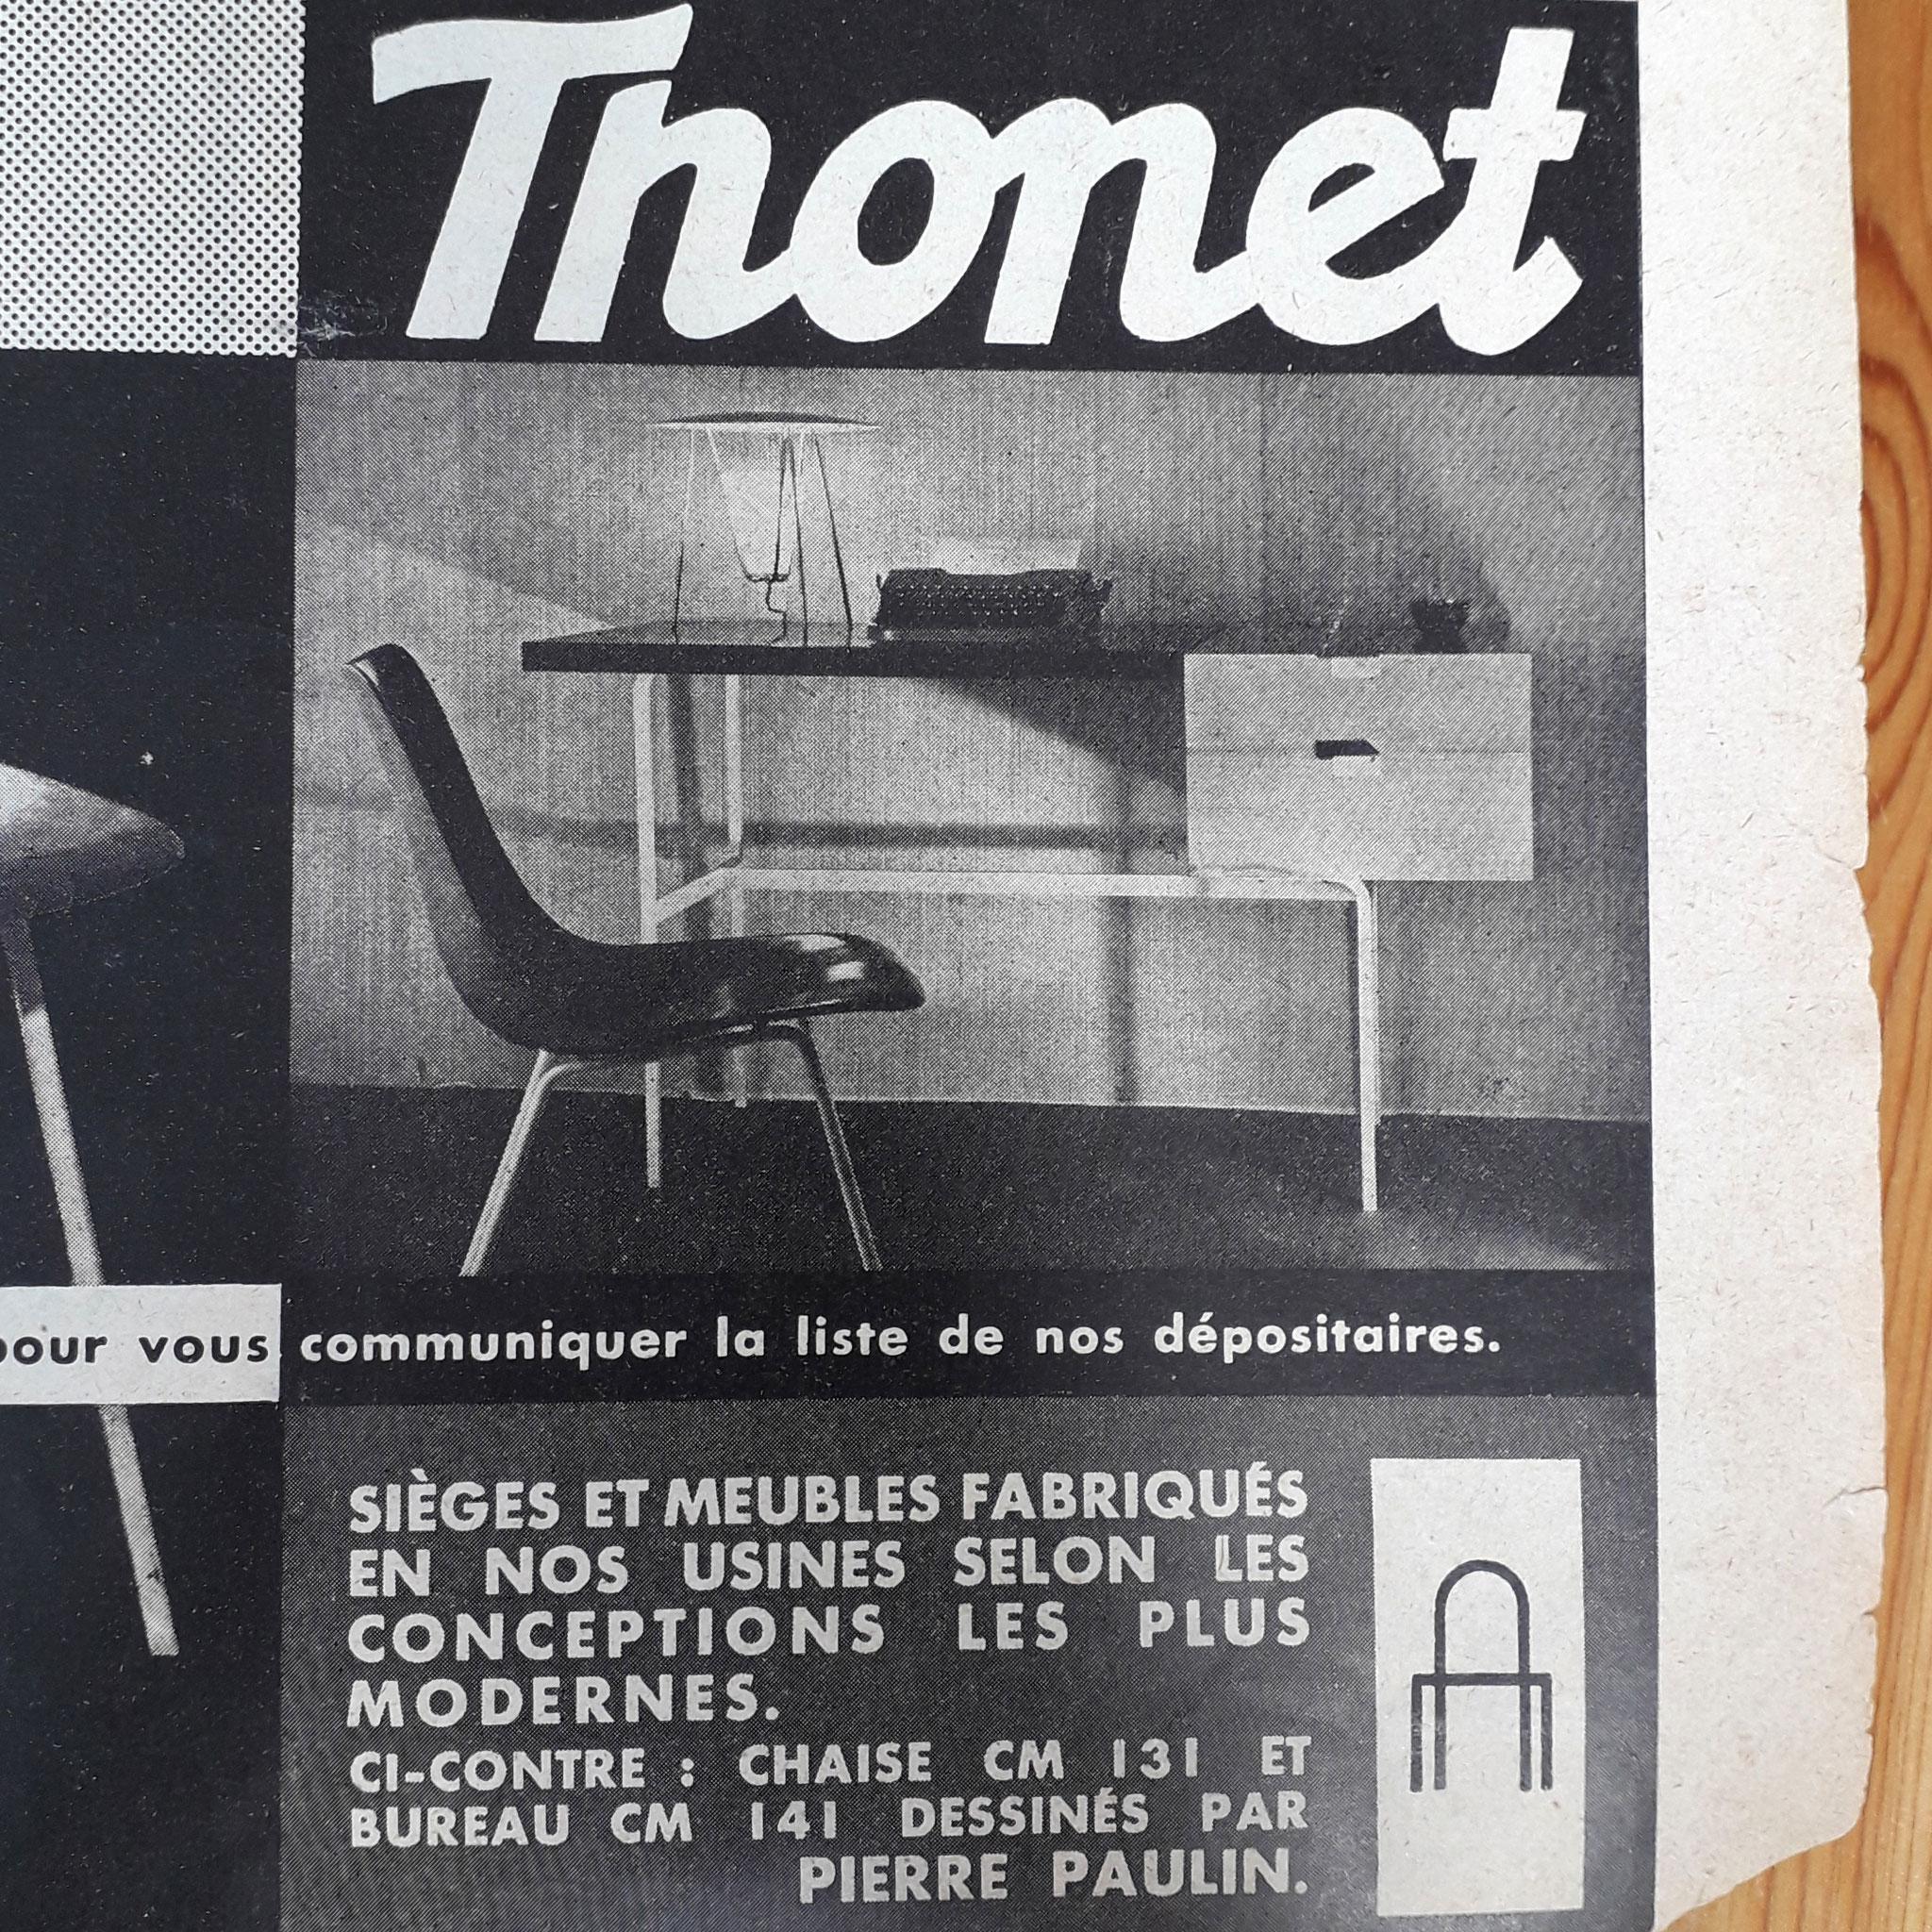 Publicité Thonet 1954